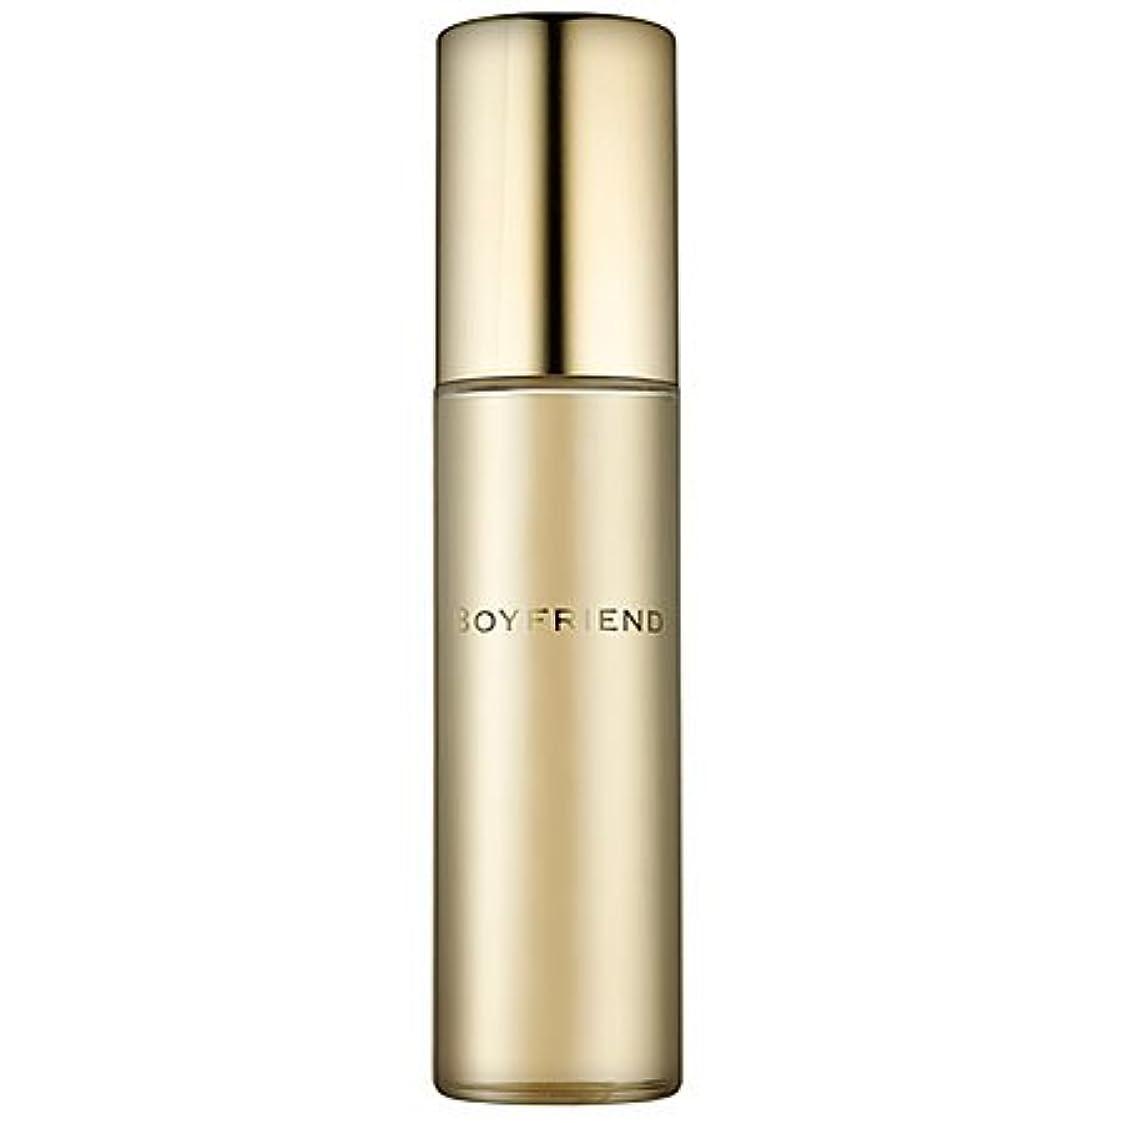 アレキサンダーグラハムベル低下舌なBoyfriend (ボーイフレンド) 3.38 oz (100ml) Dry Body Oil Spray by Kate Walsh for Women